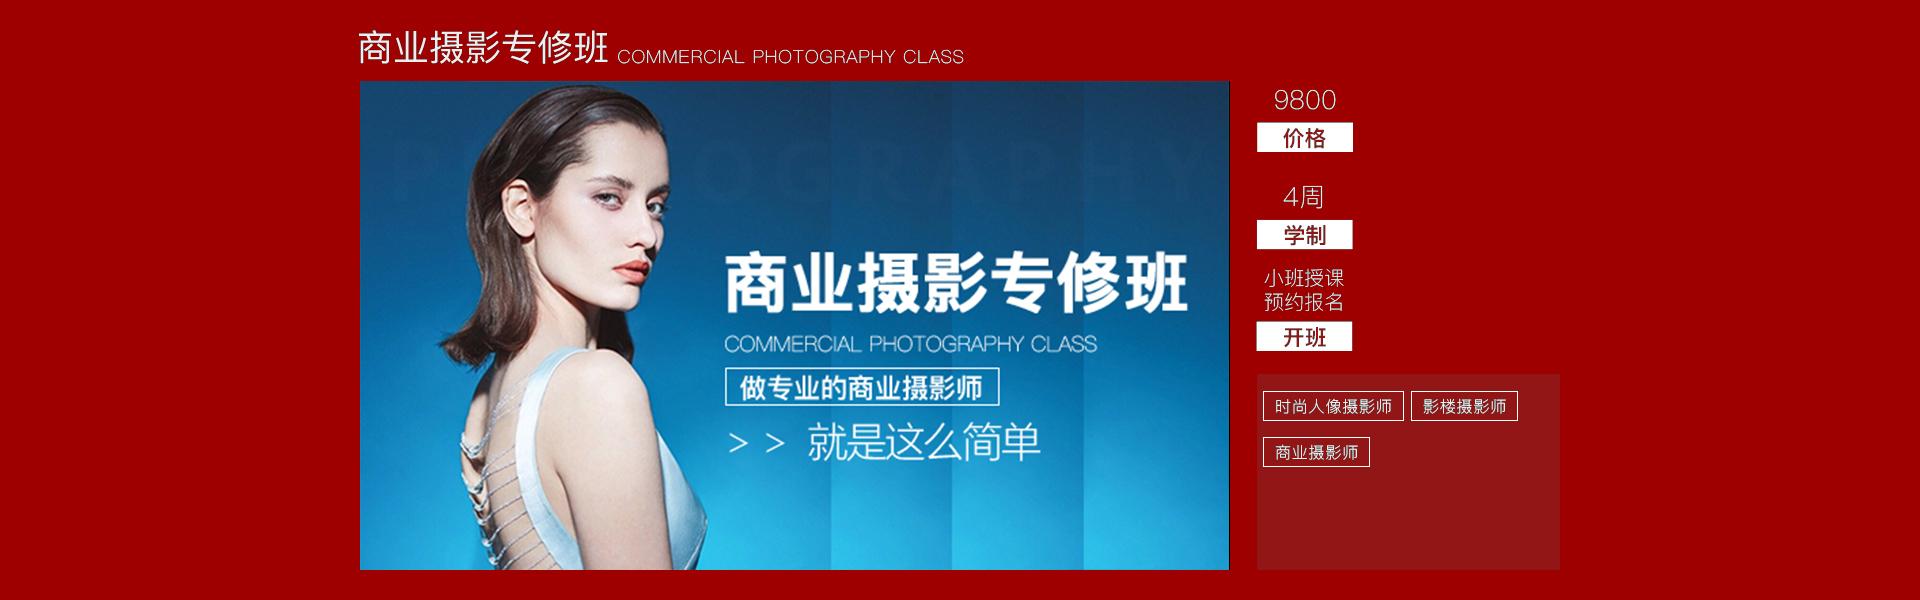 商业摄影专修班banner